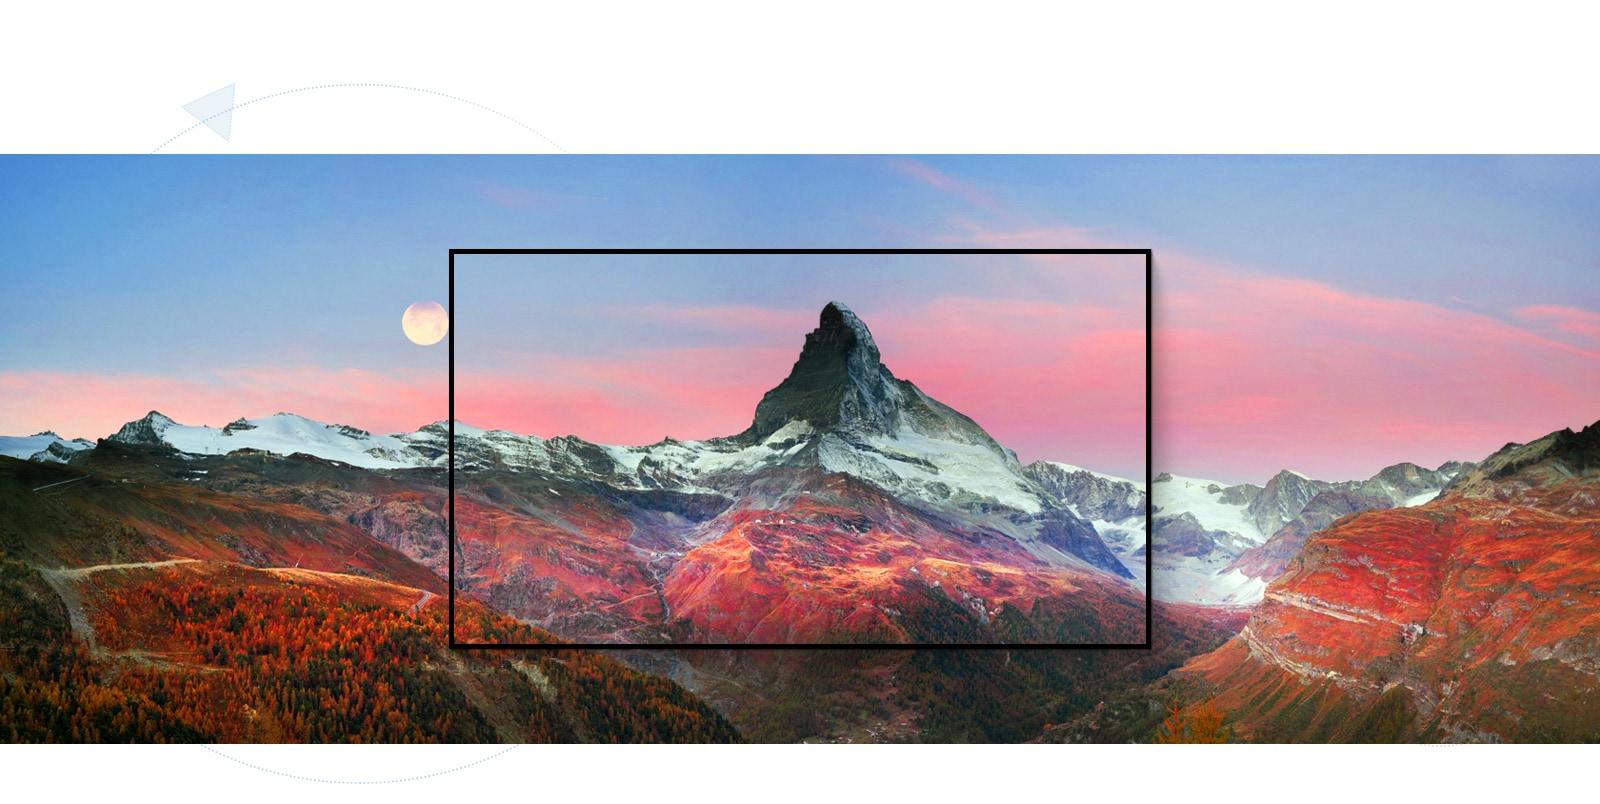 Un fotograma captura el paisaje de una magnífica montaña (reproducir el vídeo)